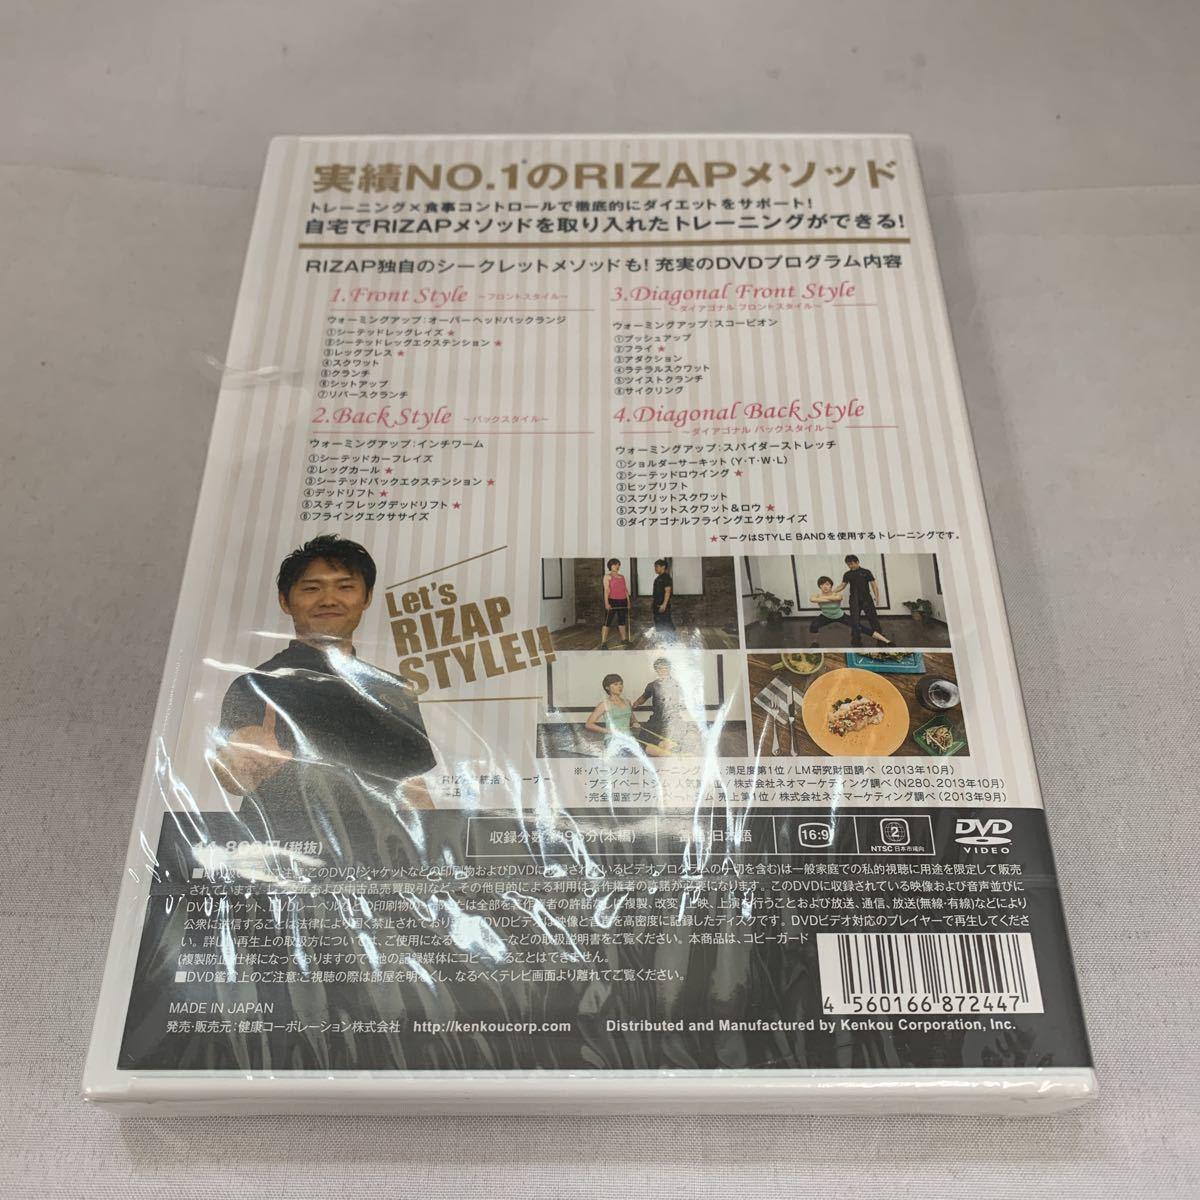 【DVD】RIZAP STYLE SECRET ライザップ スタイル シークレット 0714ts2_画像2